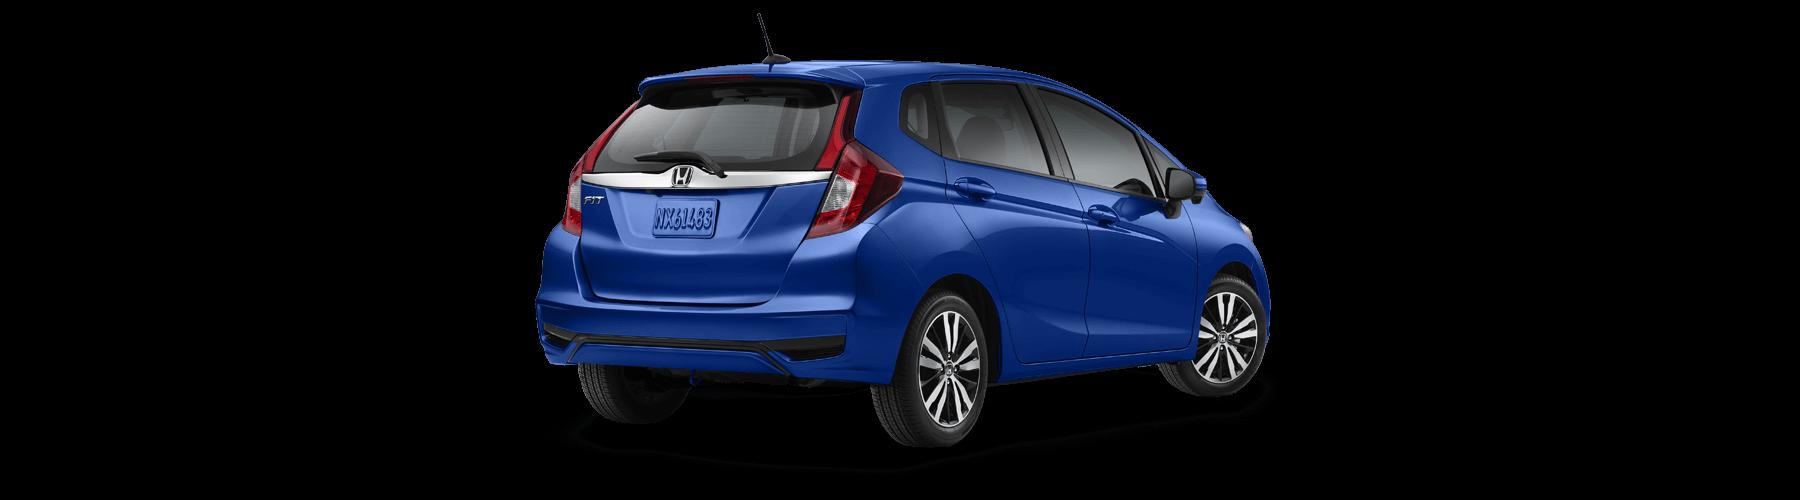 2018 Honda Fit Rear Angle